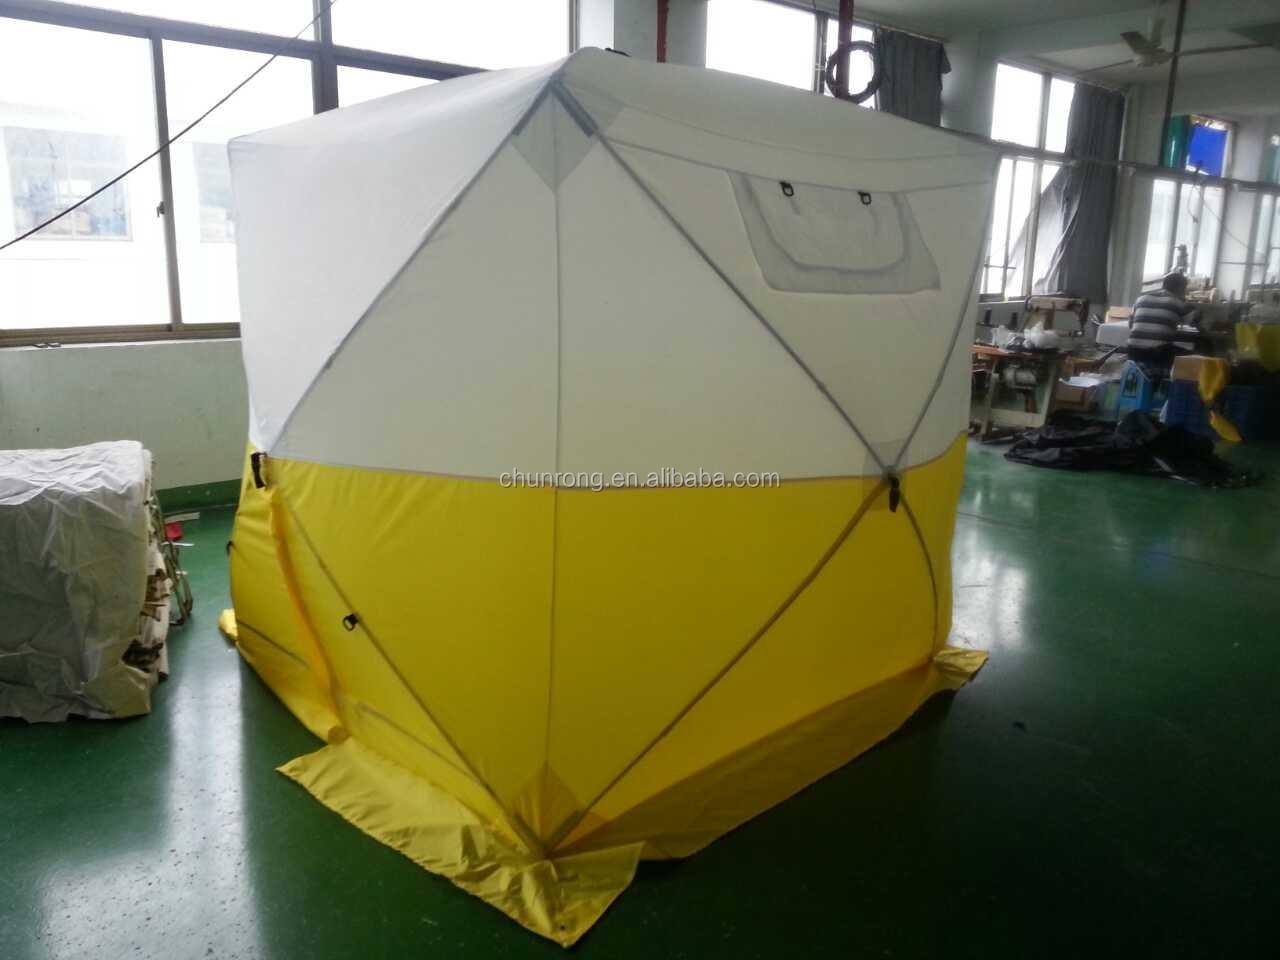 outdoor triangle pop up work tent waterproof one-piece trench tent & Outdoor Triangle Pop Up Work Tent Waterproof One-piece Trench Tent ...